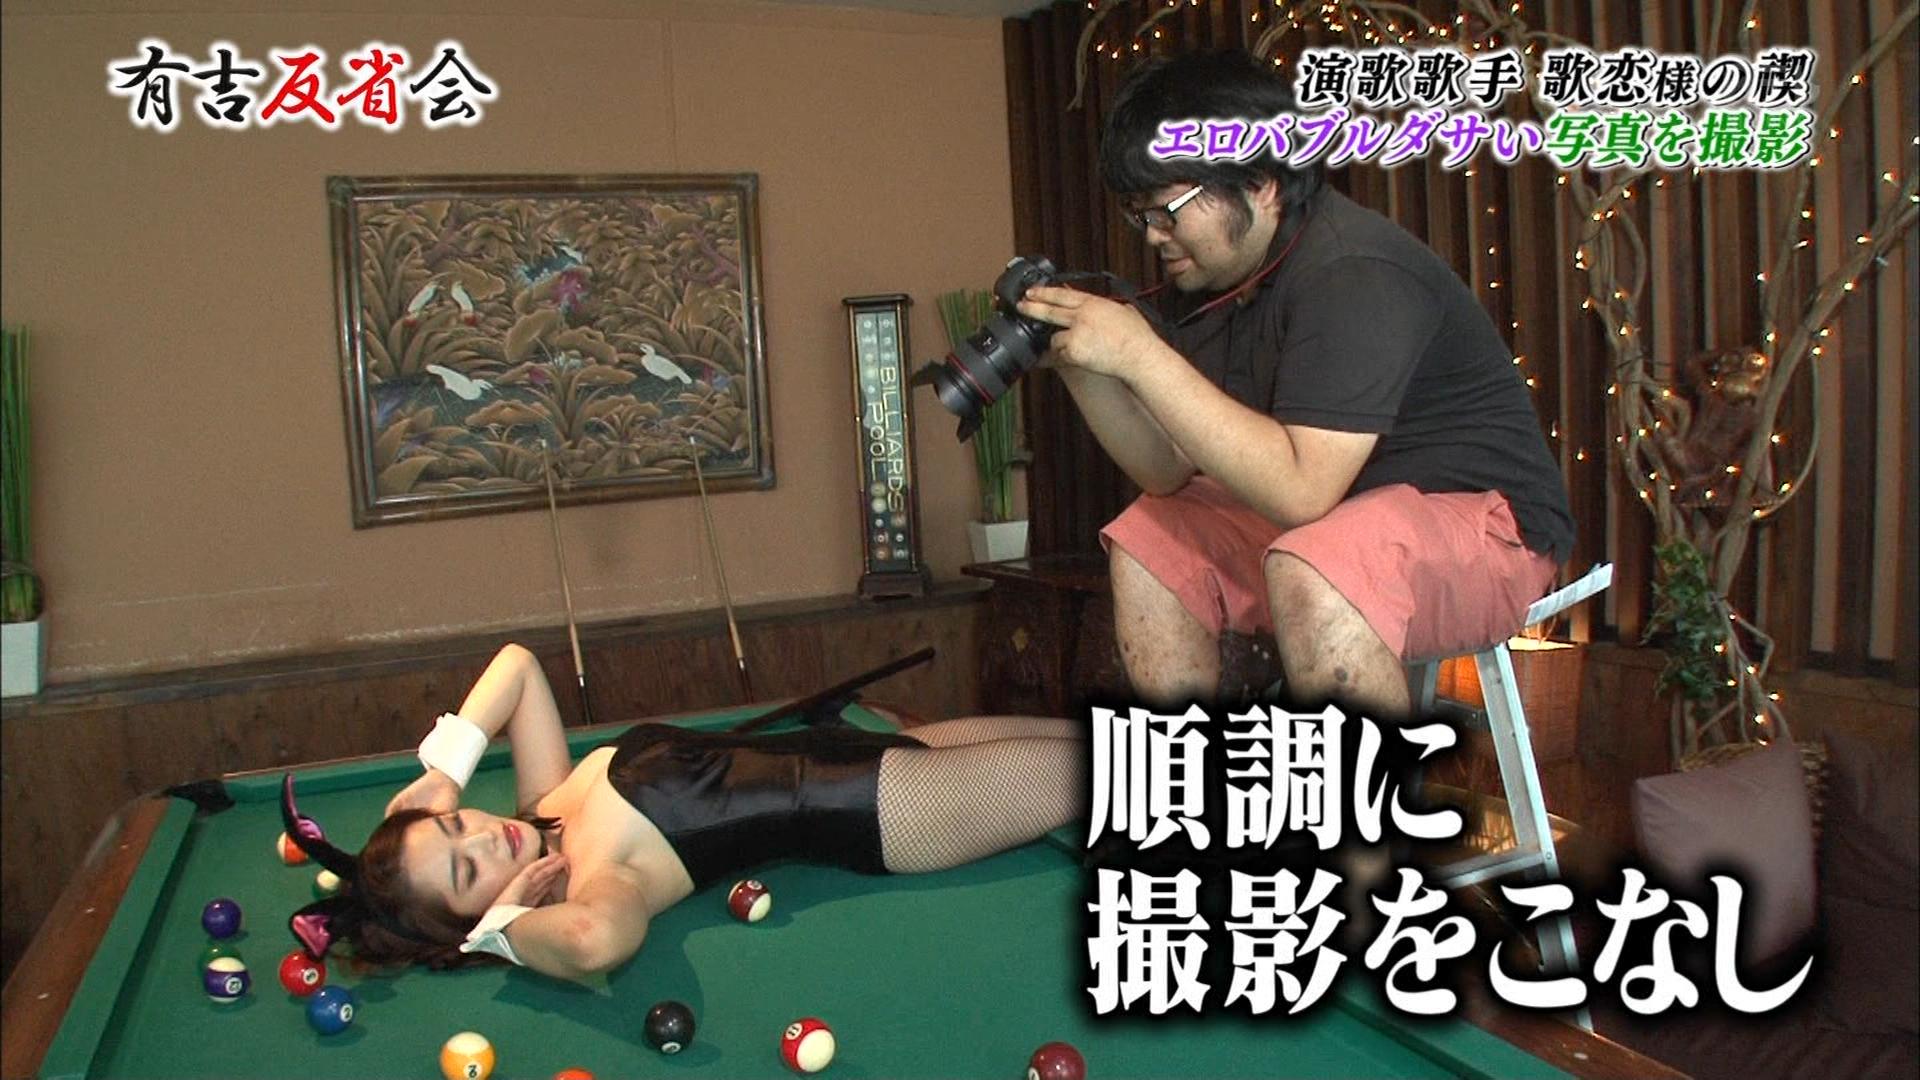 歌恋(24)巨乳演歌歌手の有吉反省会エロキャプ画像33枚・19枚目の画像